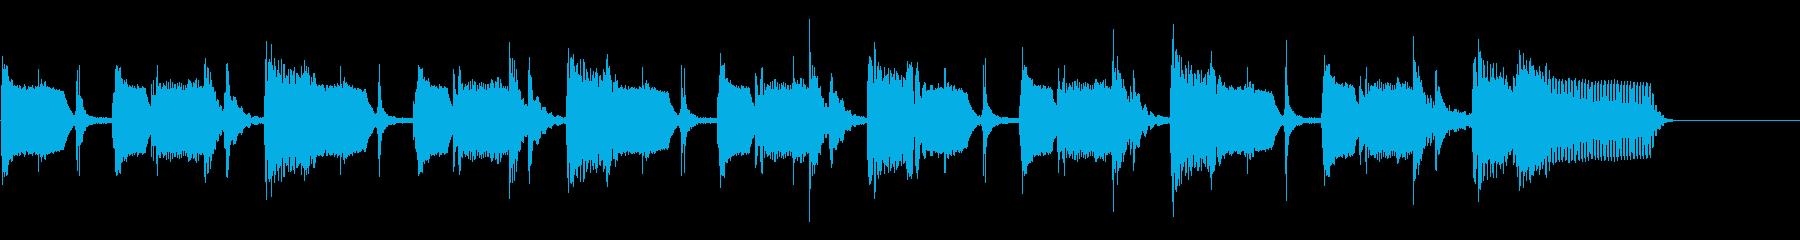 マルガリータ、ファーストテンポ、ベ...の再生済みの波形